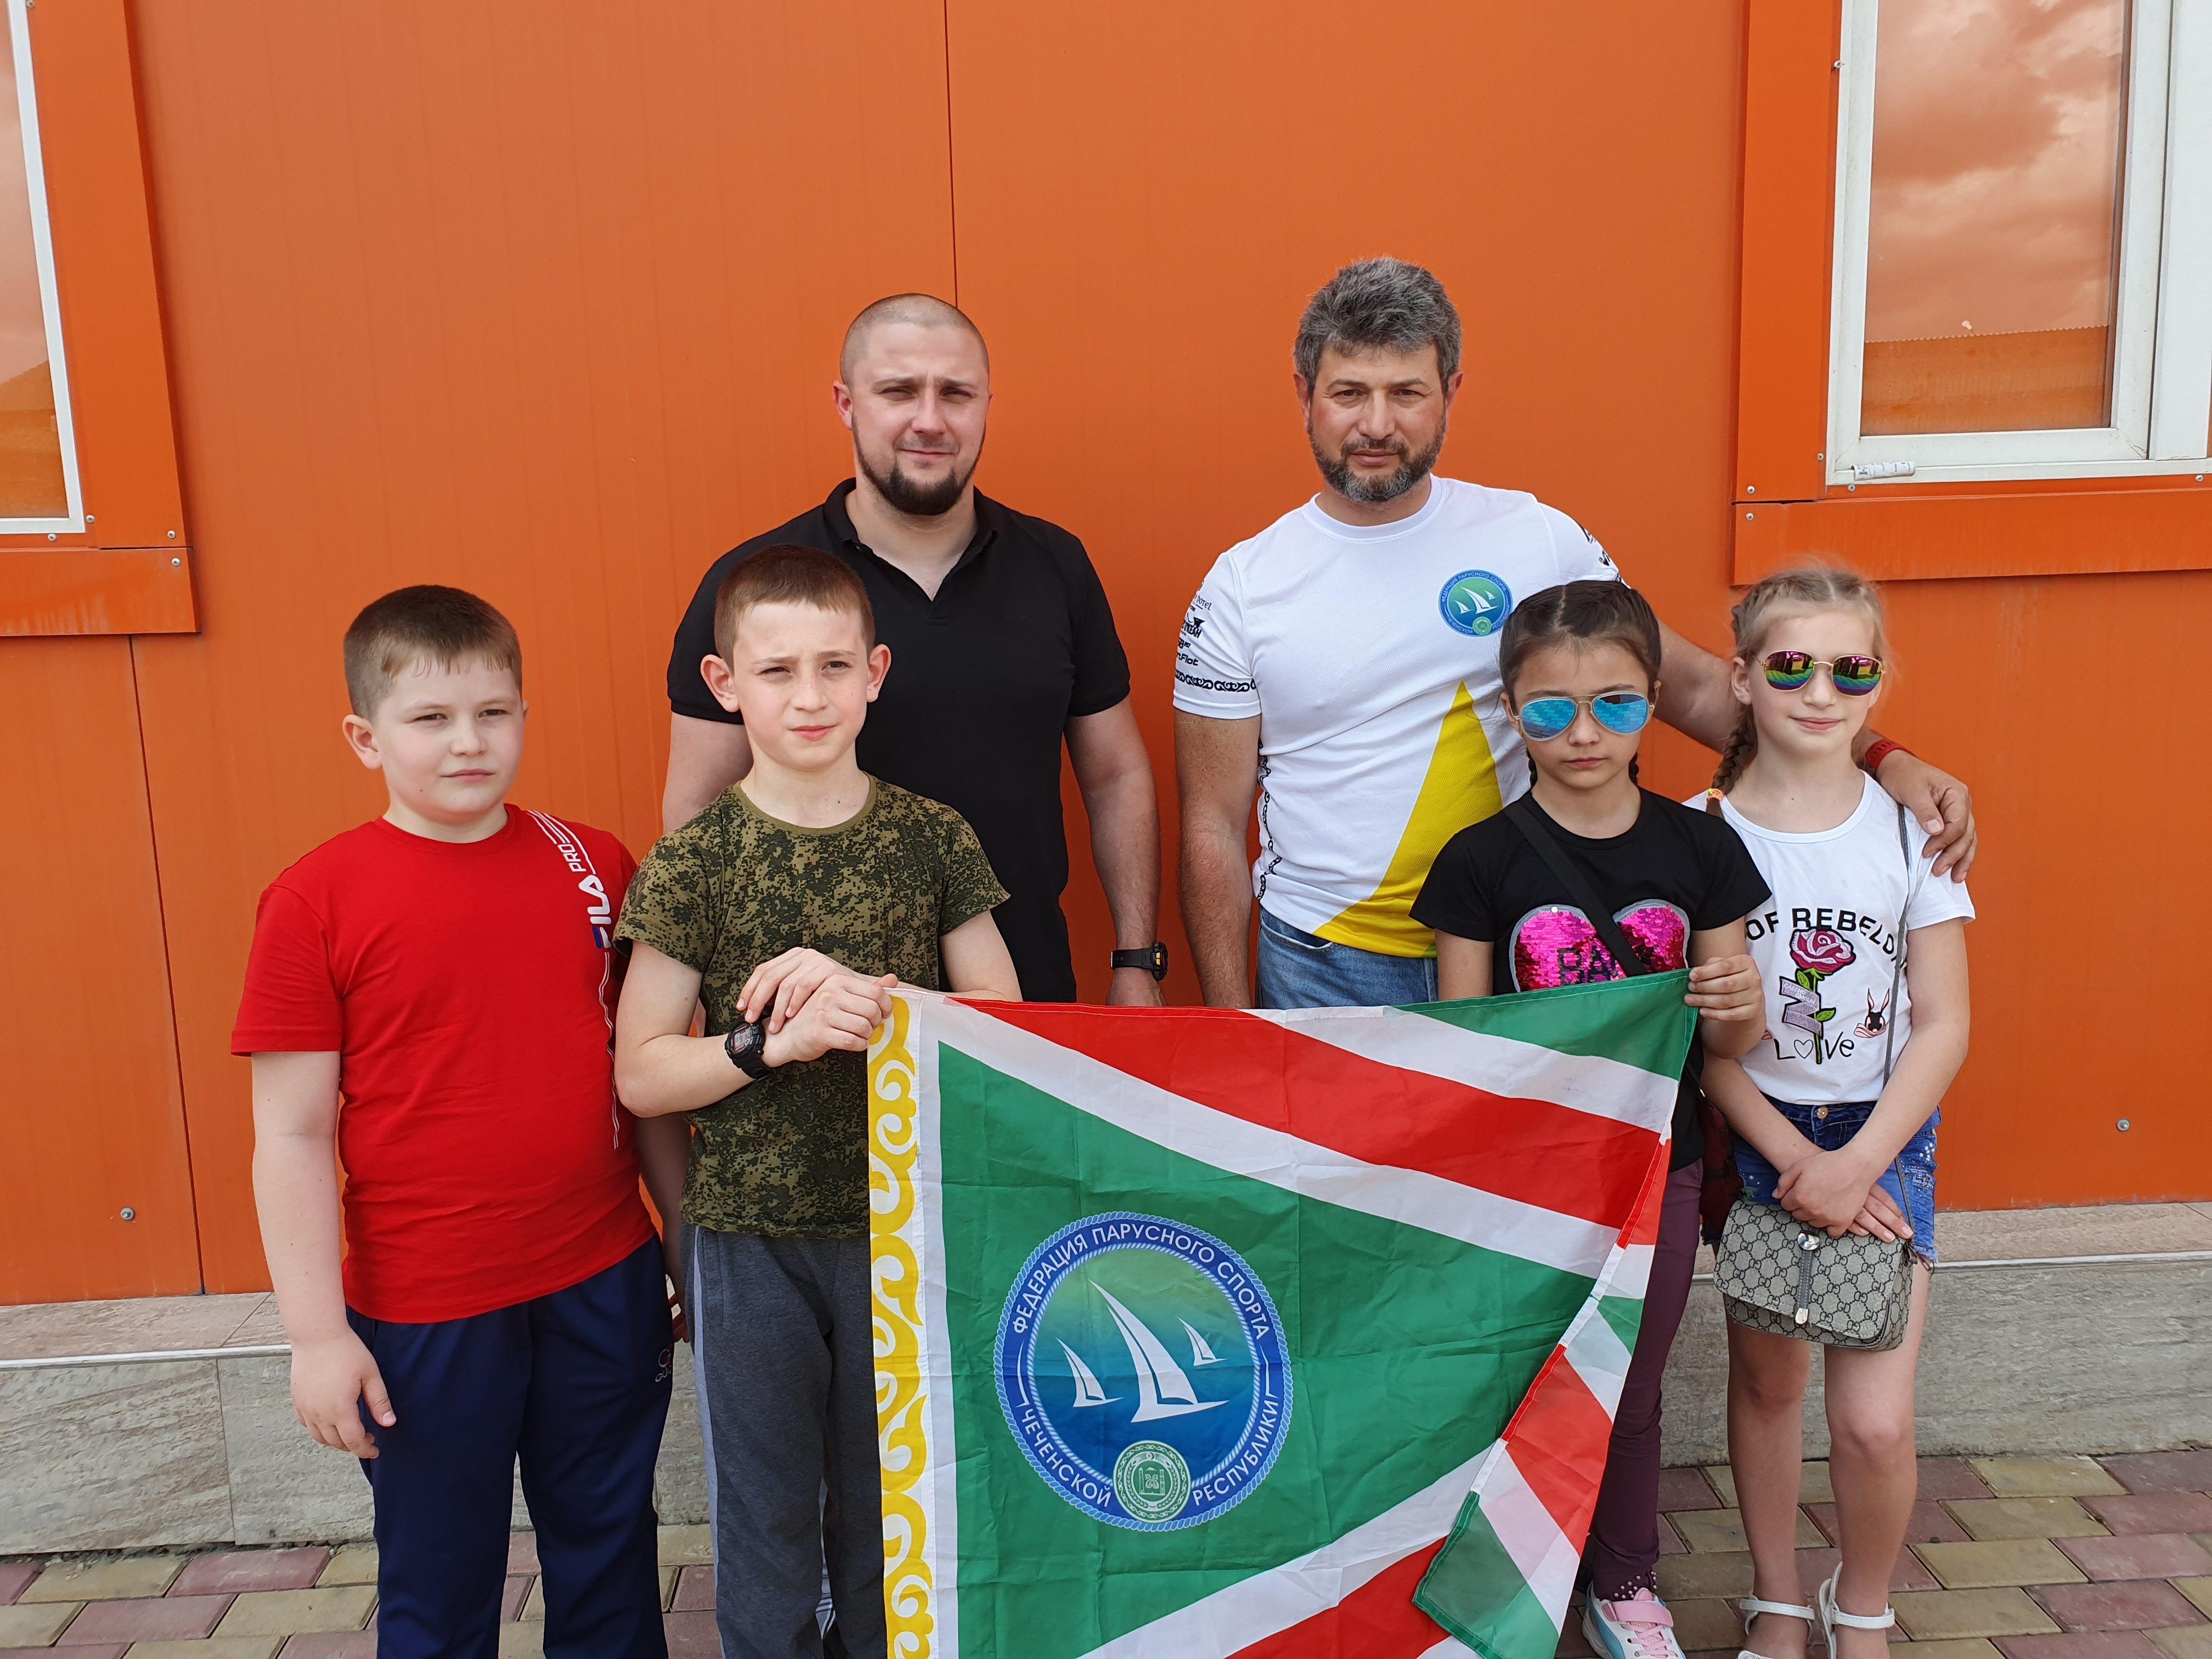 ЧЕЧНЯ. Юные яхтсмены из Чечни отправились на парусную смену в «Артек»